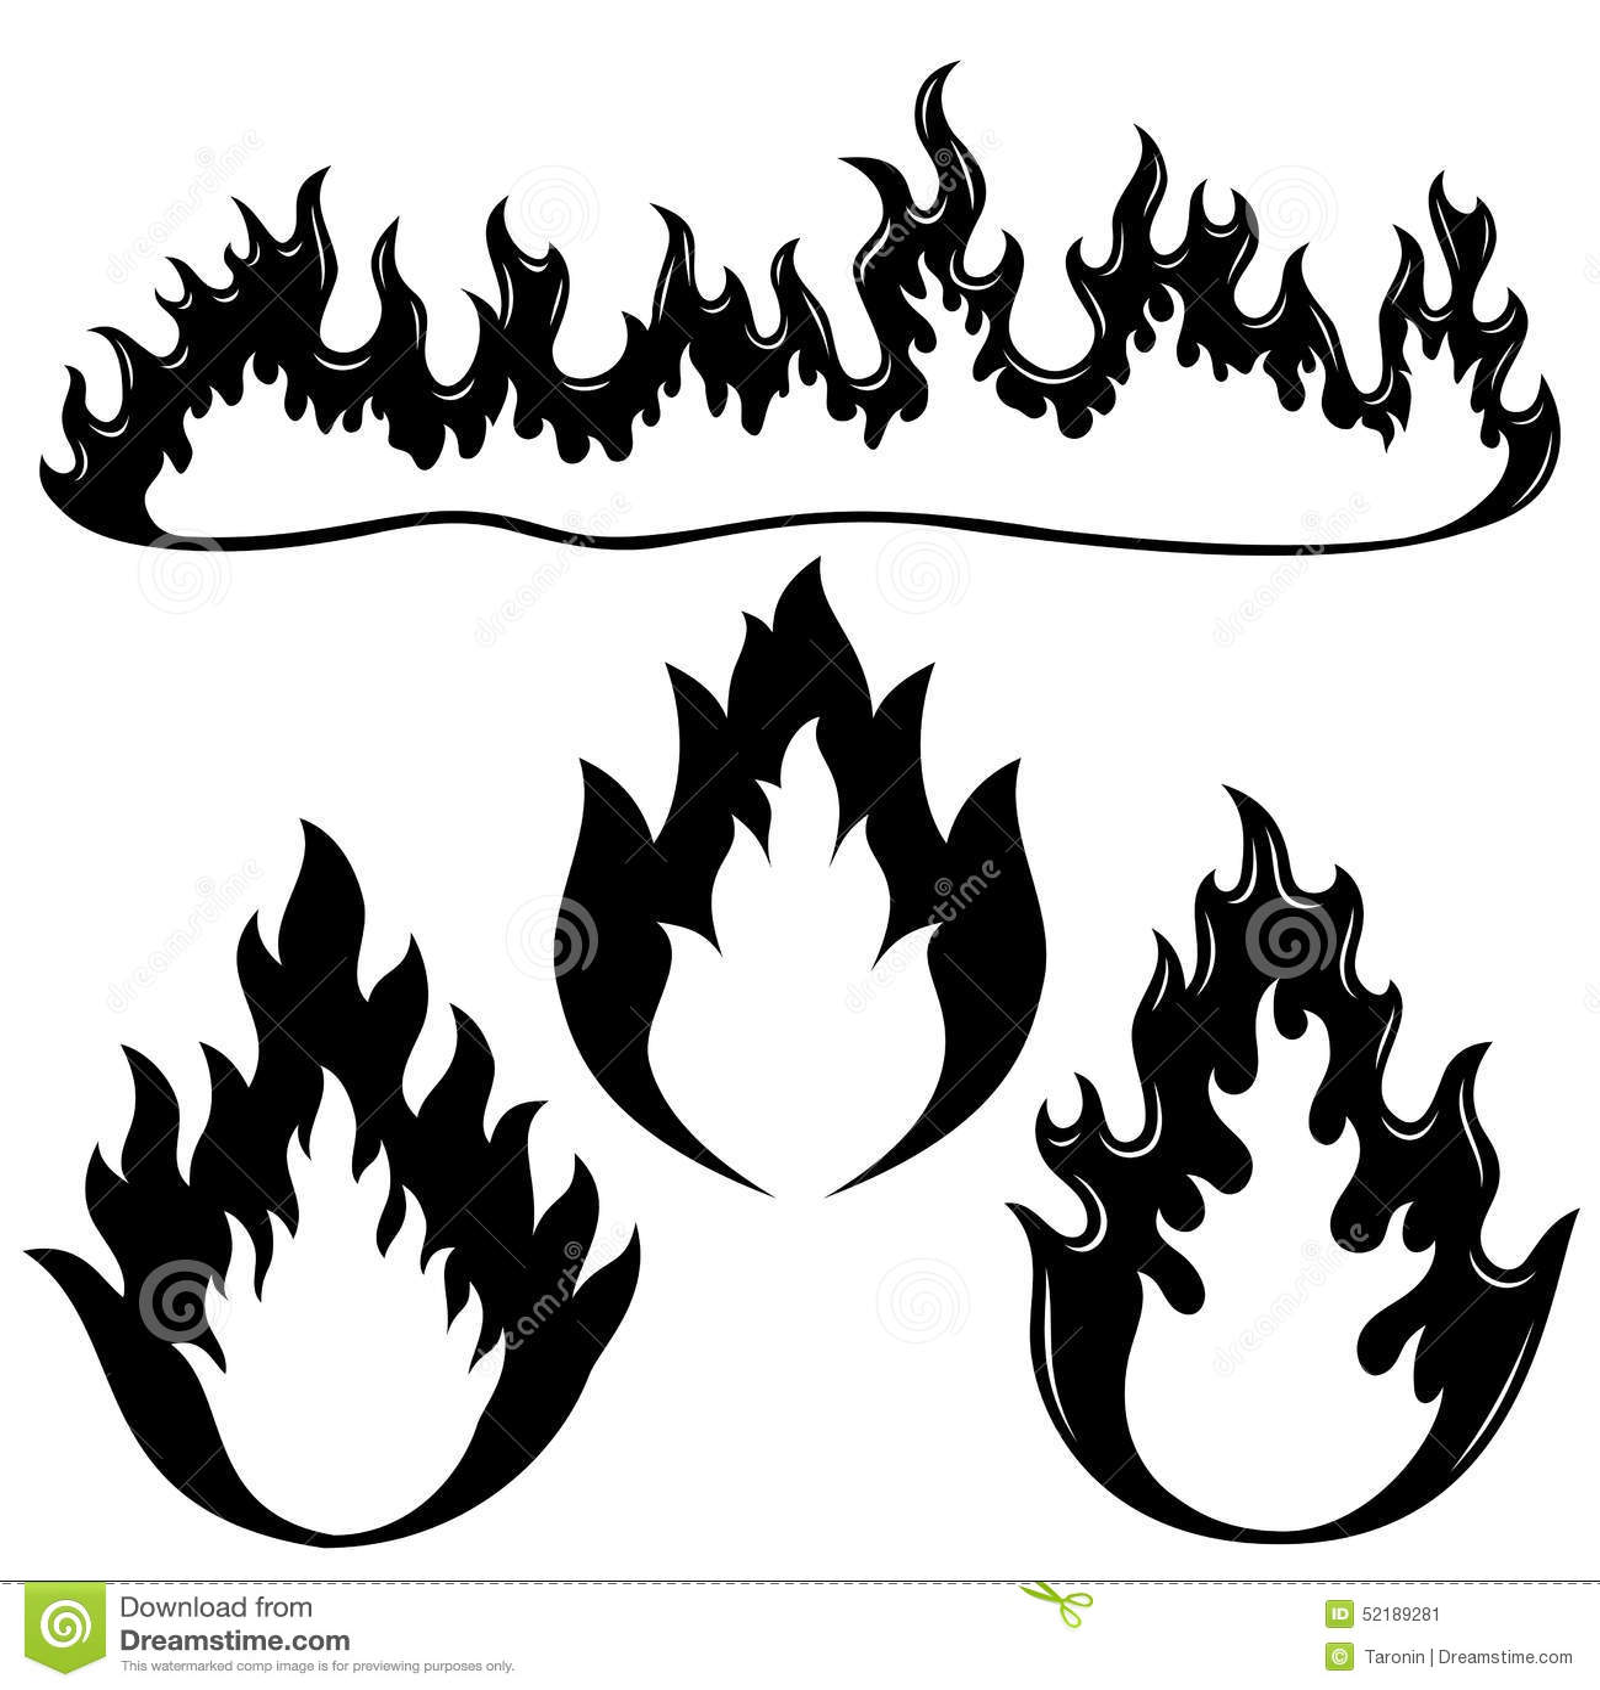 wand der flammen vektor abbildung bild von gefahr auslegung 52189281. Black Bedroom Furniture Sets. Home Design Ideas